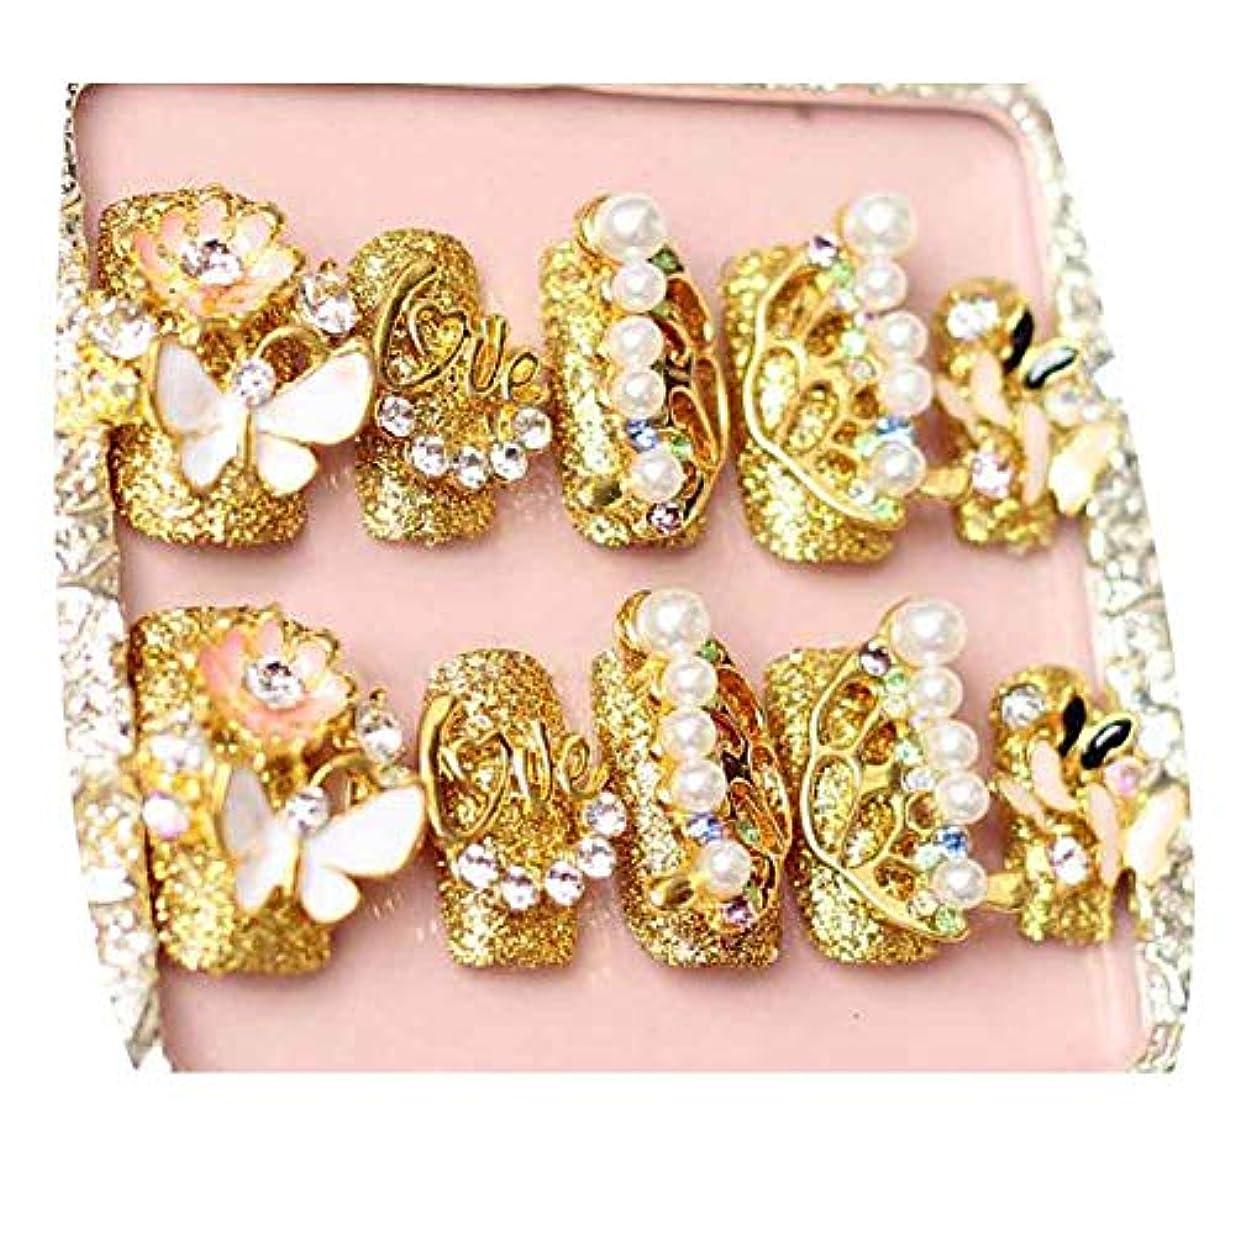 反抗人工上昇蝶 - ゴールドカラー偽爪結婚式人工爪のヒントビーズネイルアート